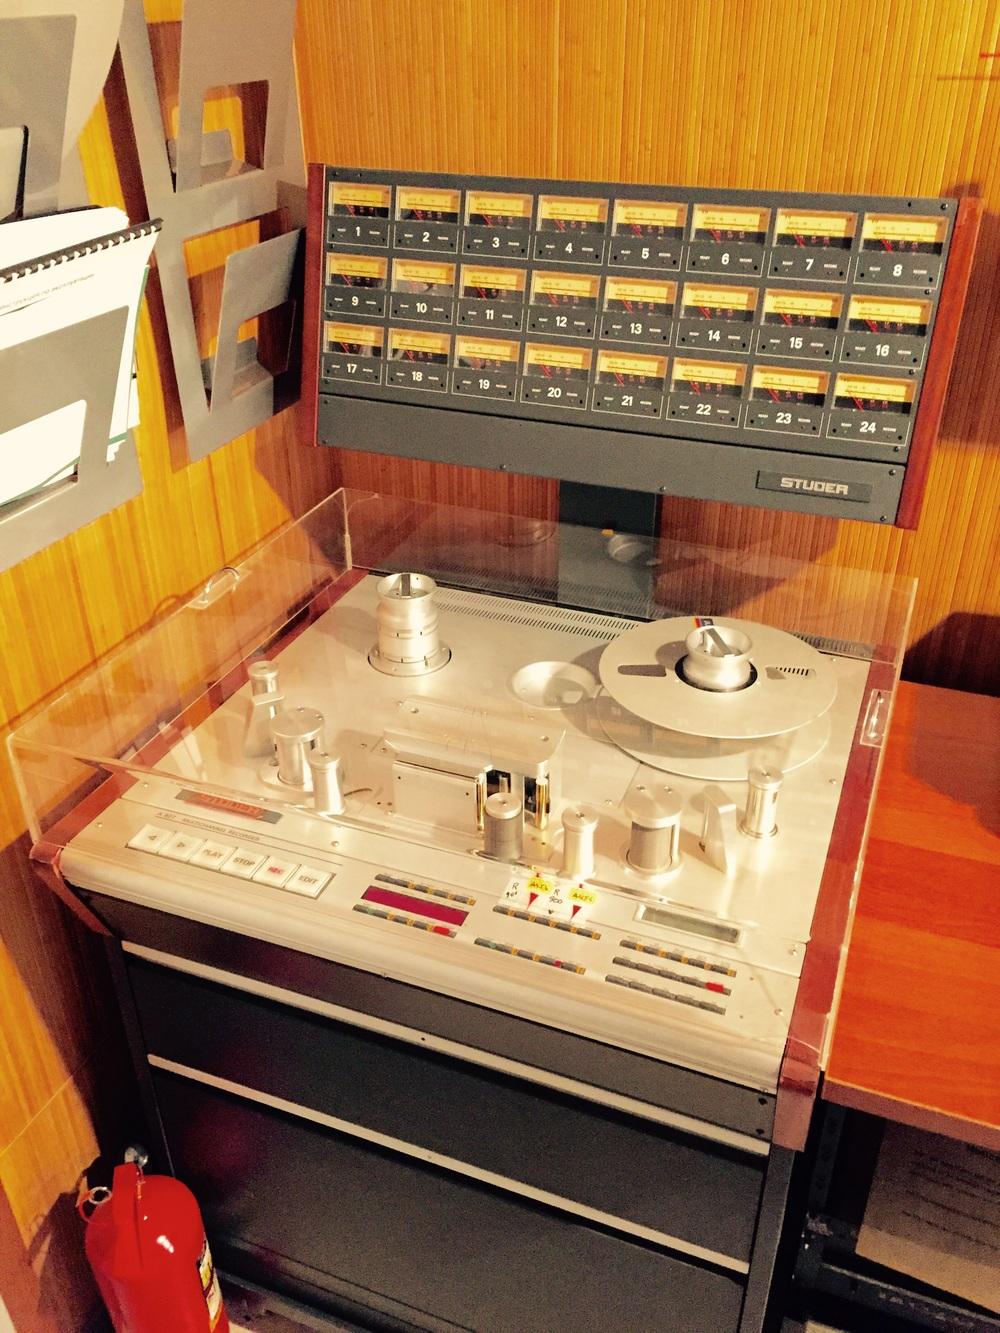 Antigo gravador de fita de 24 canais, geralmente usado pelos Beatles